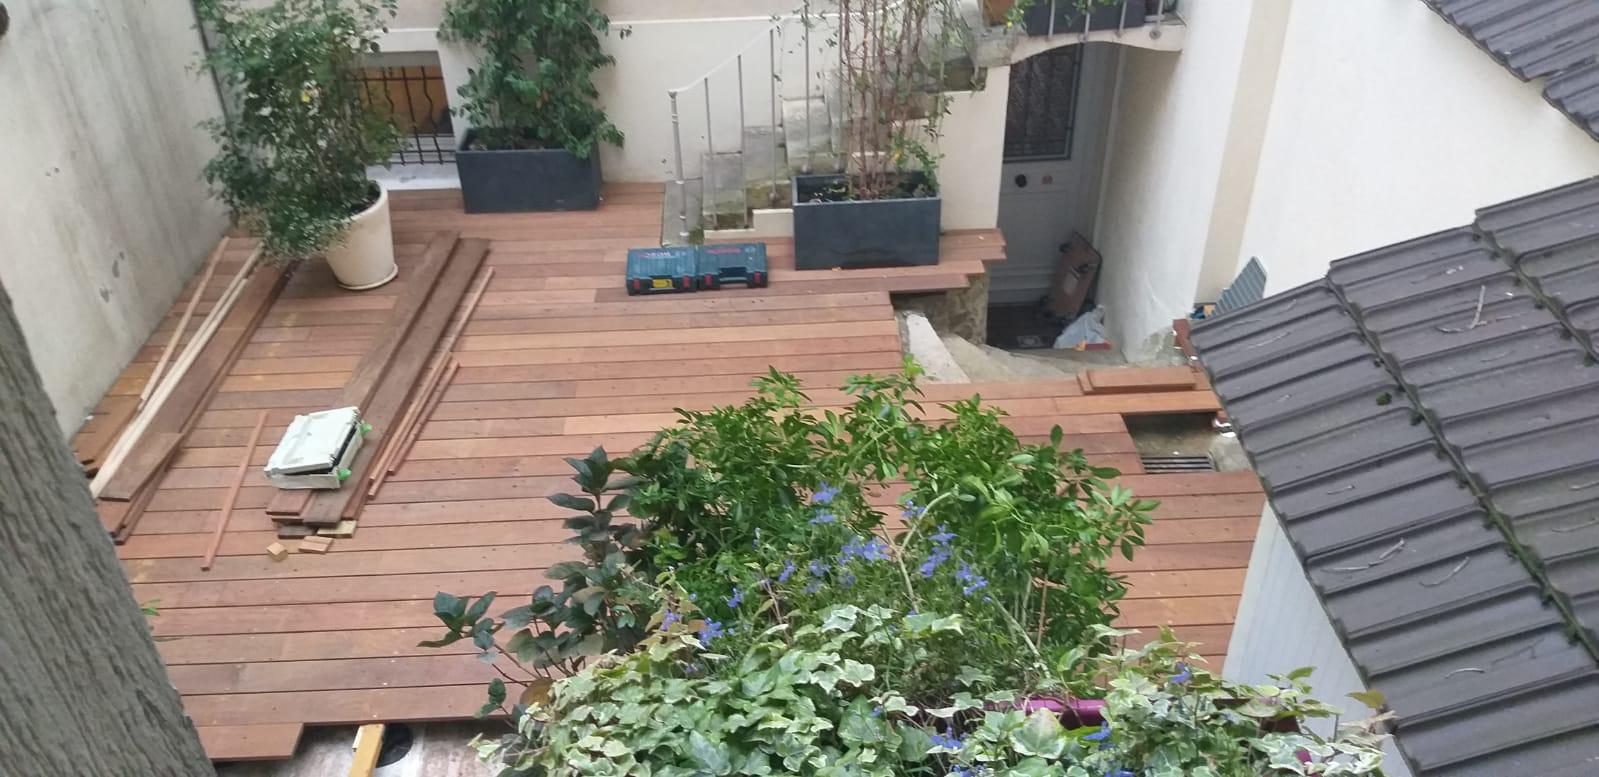 Finalisation de travaux d'une pose de terrasse en parquet